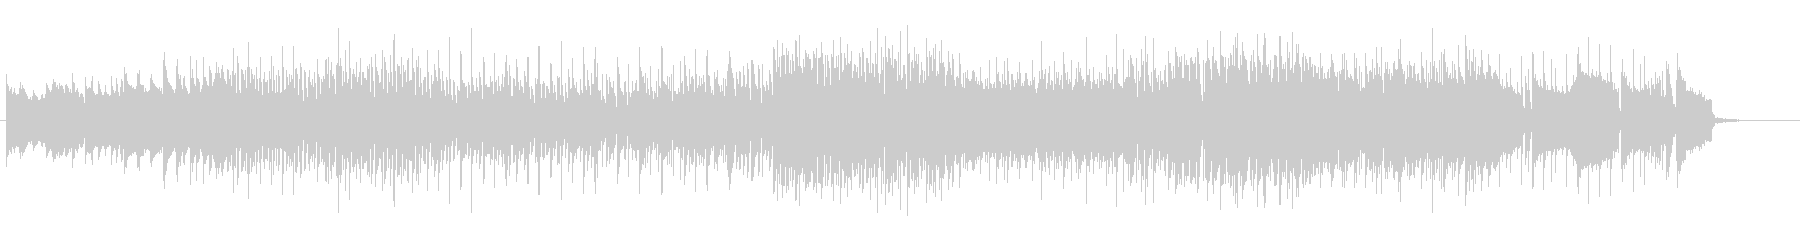 ラスボス感のある激しめのピアノ楽曲の未再生の波形